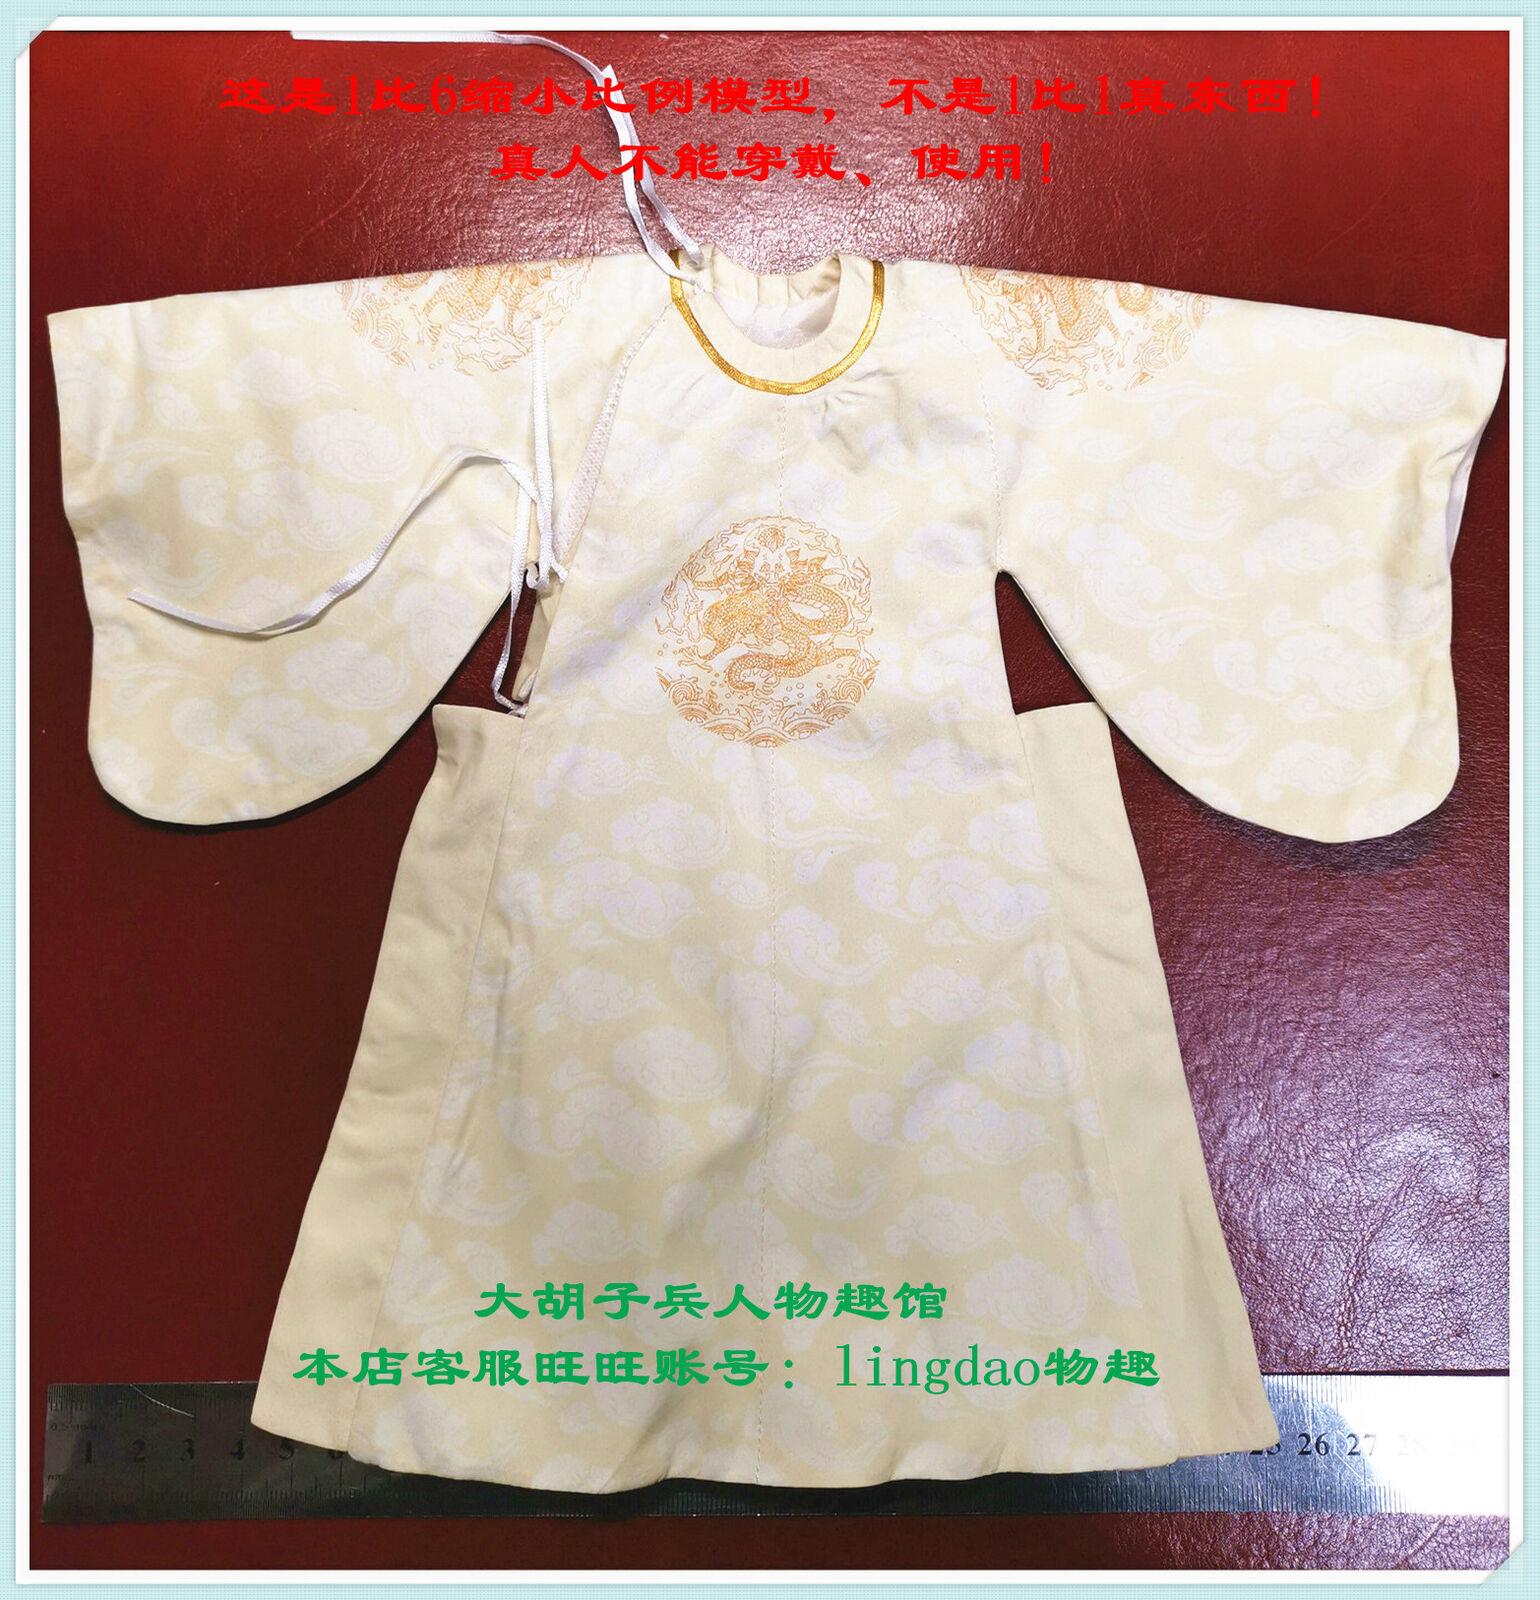 Dragon Robe A  for 303giocattoli ES3004 Ming Emperor Zhu Yuanzhang 1 6 Scale azione nuovo  prezzi bassissimi